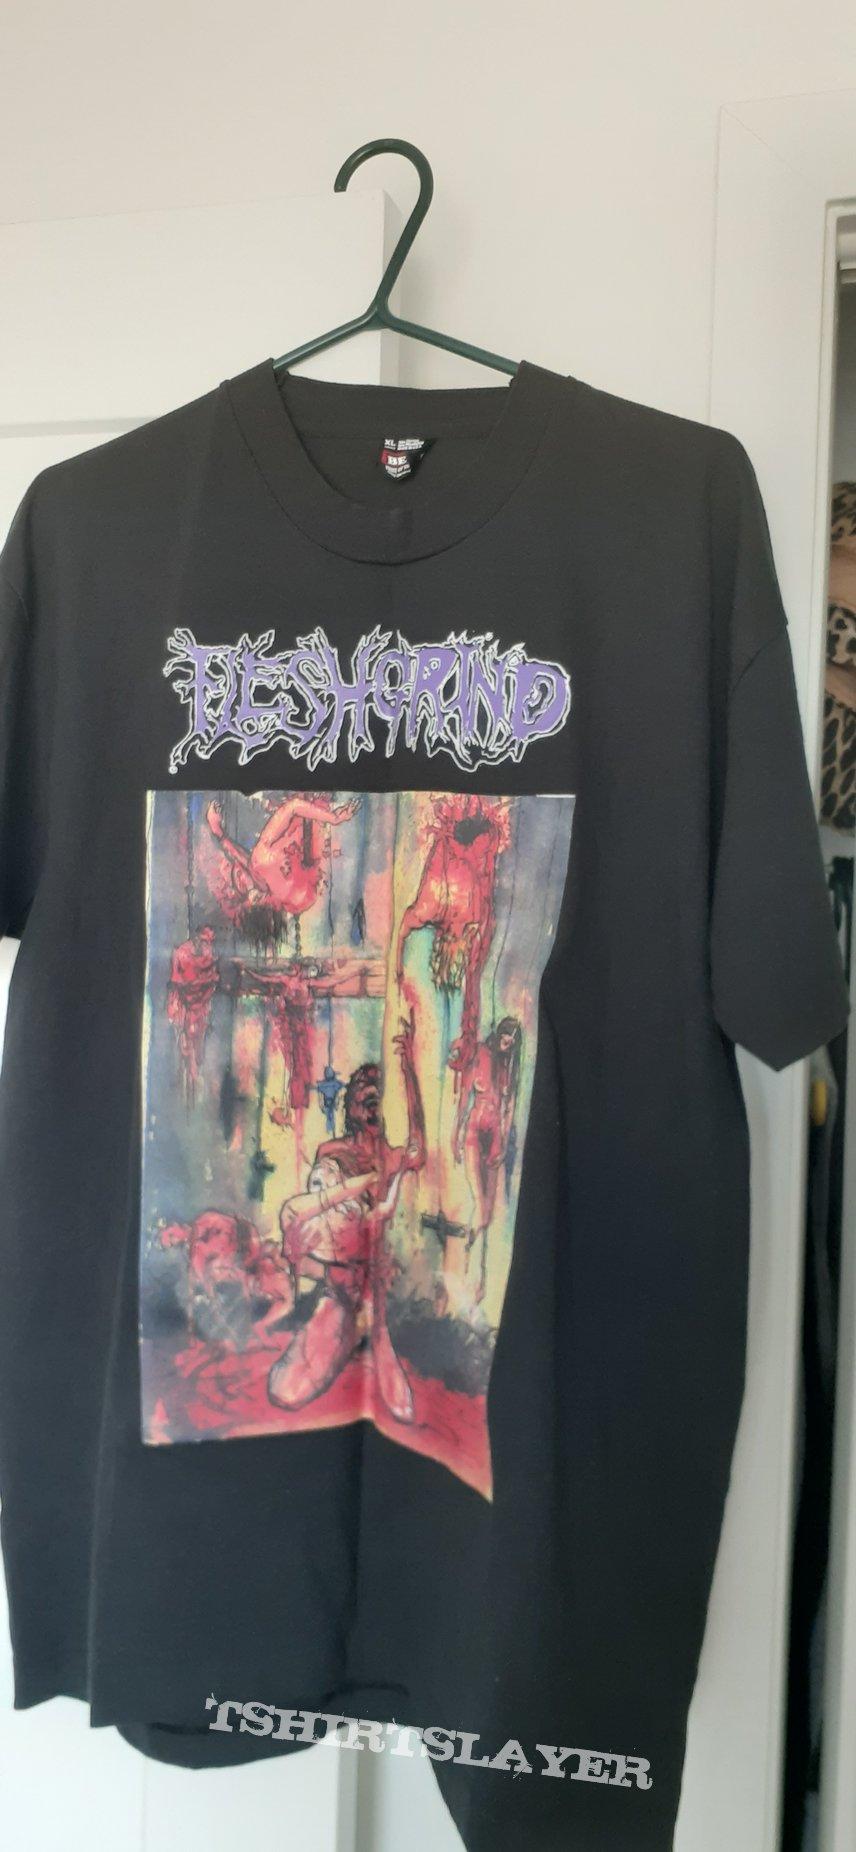 Fleshgrind RARE Shirt